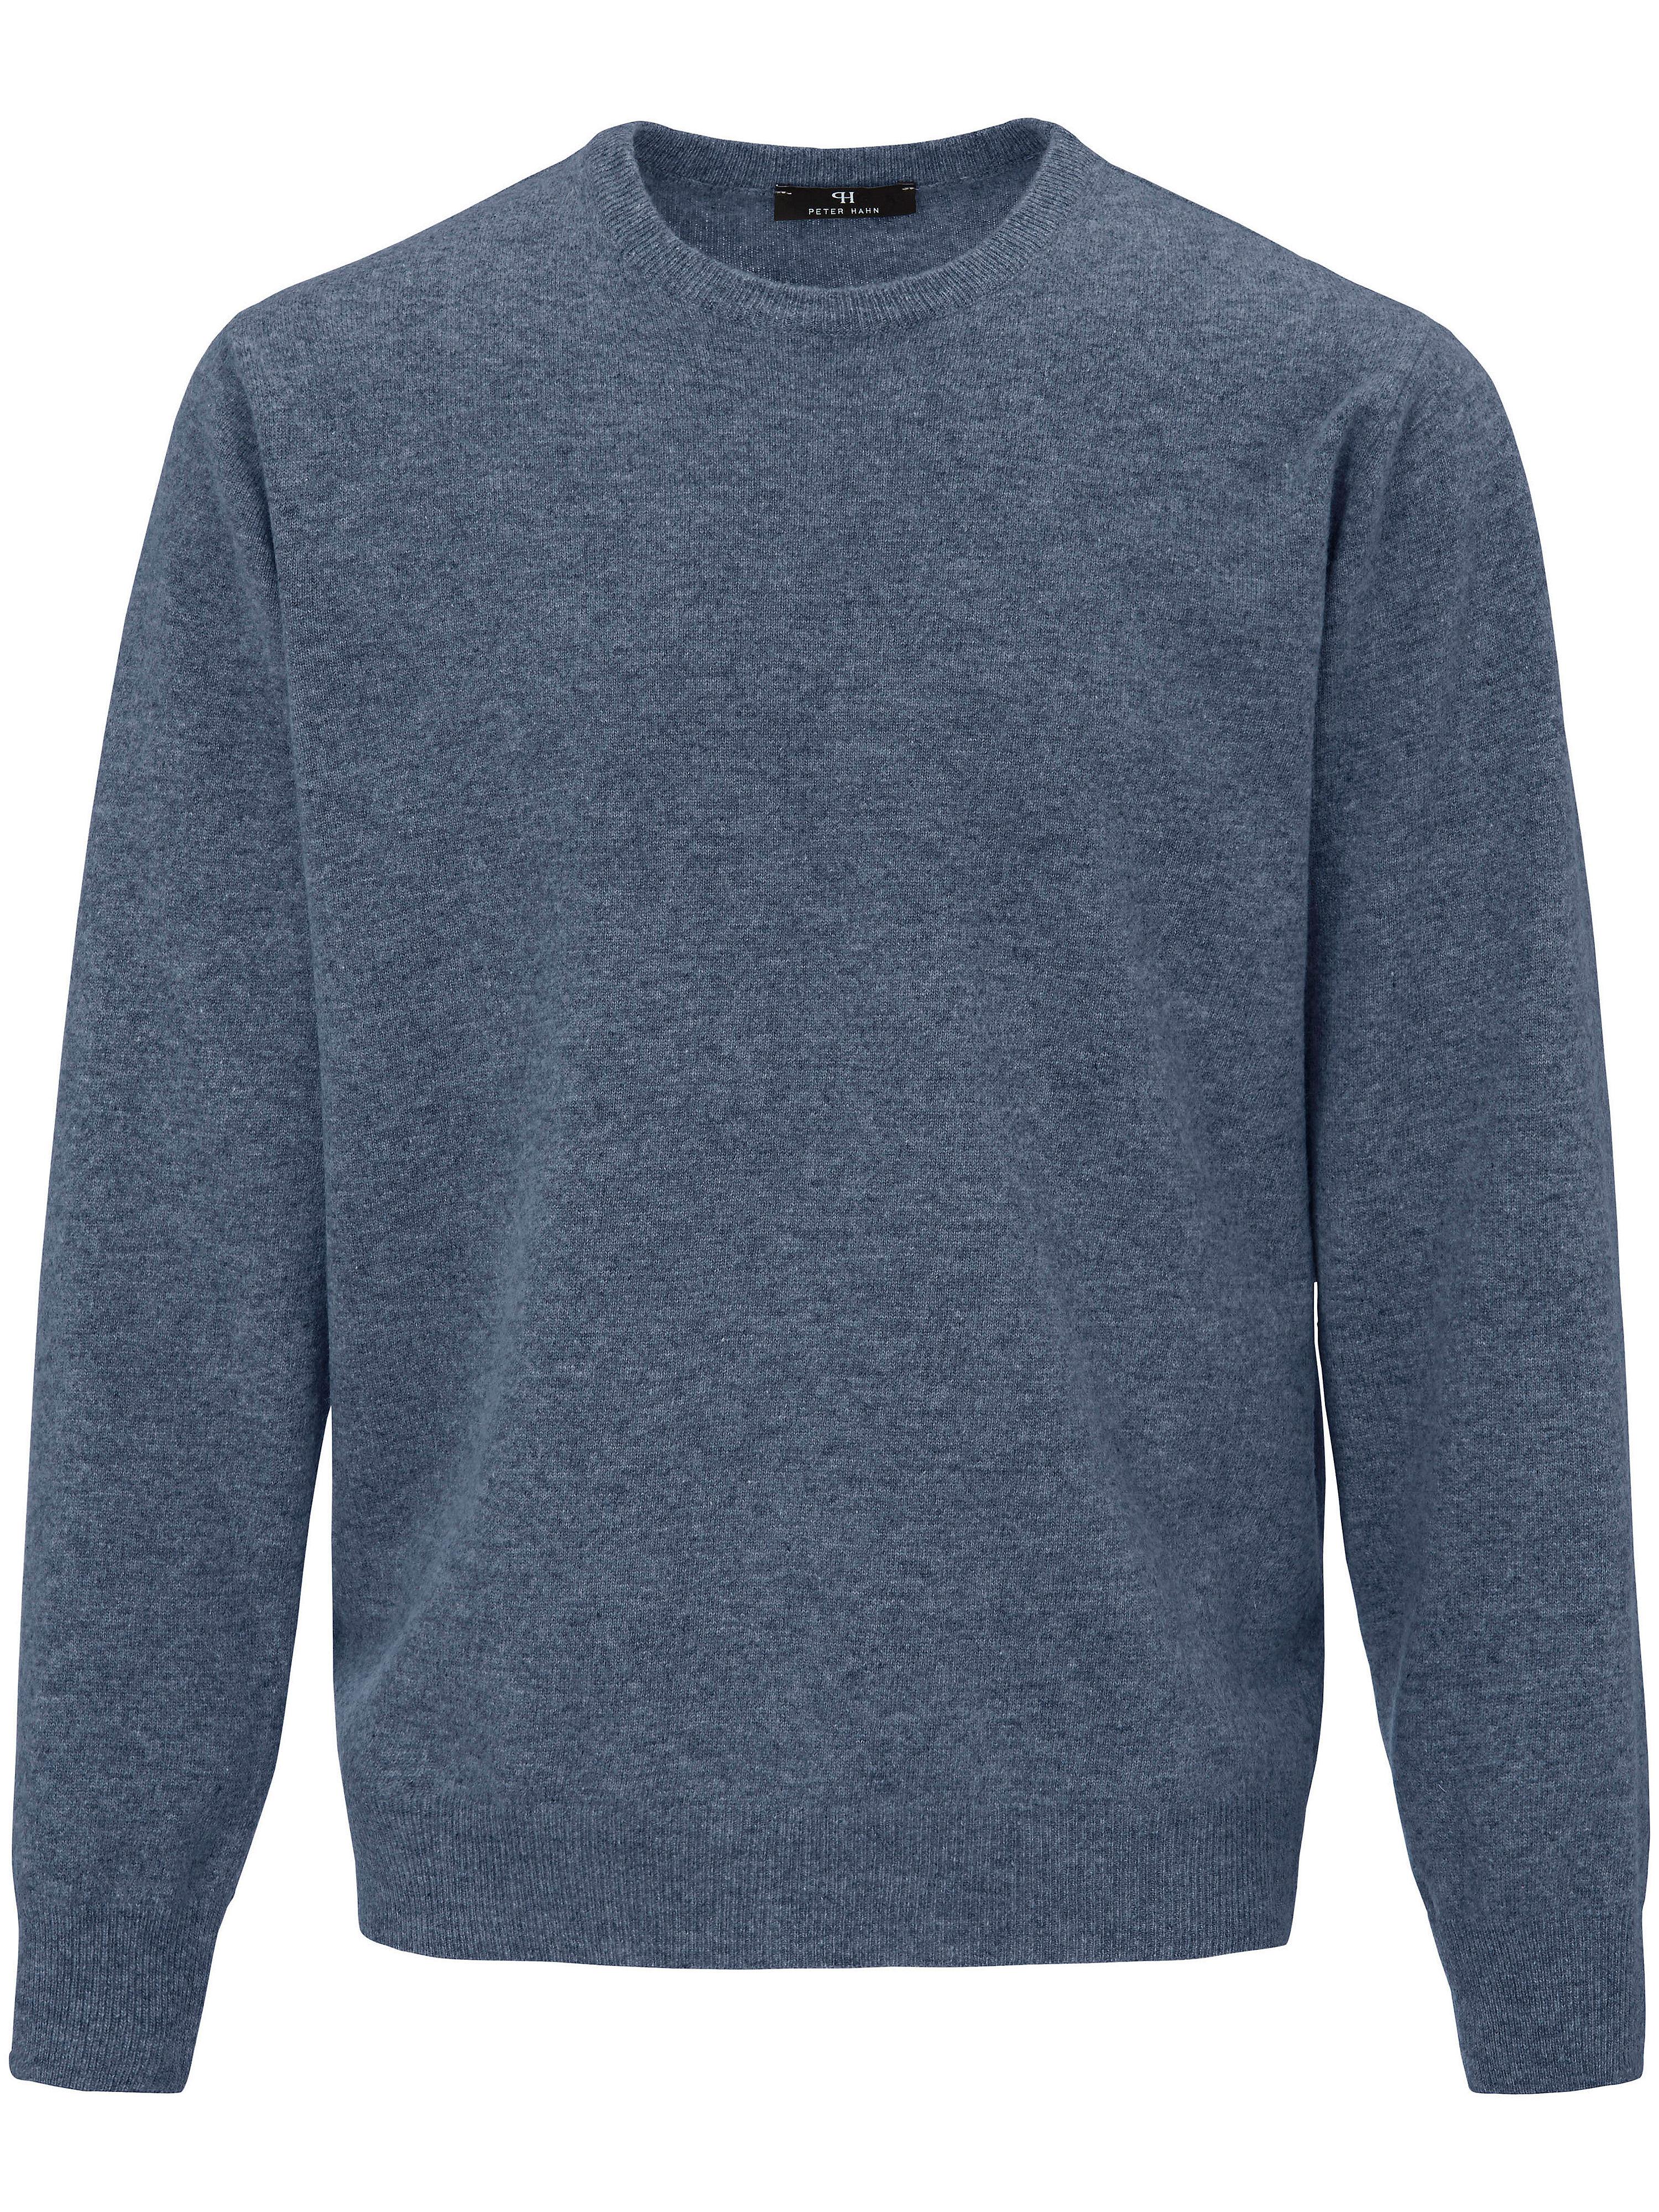 Image of   Bluse 100% ren ny uld Fra Peter Hahn blå